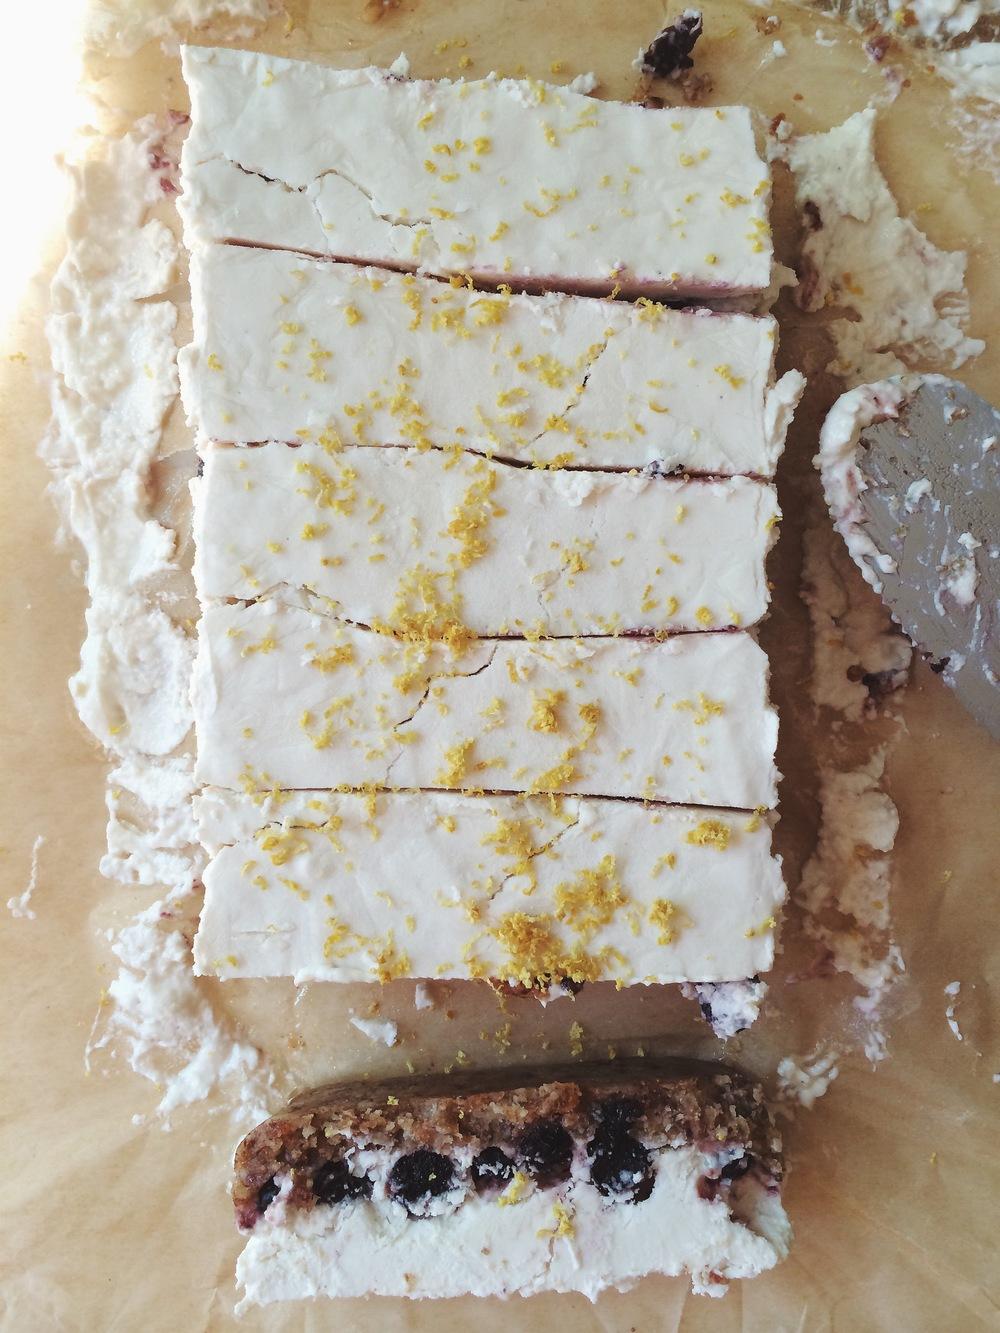 Blueberry Lemon Vegan Cheesecake bars #nobake #vegan #glutenfree